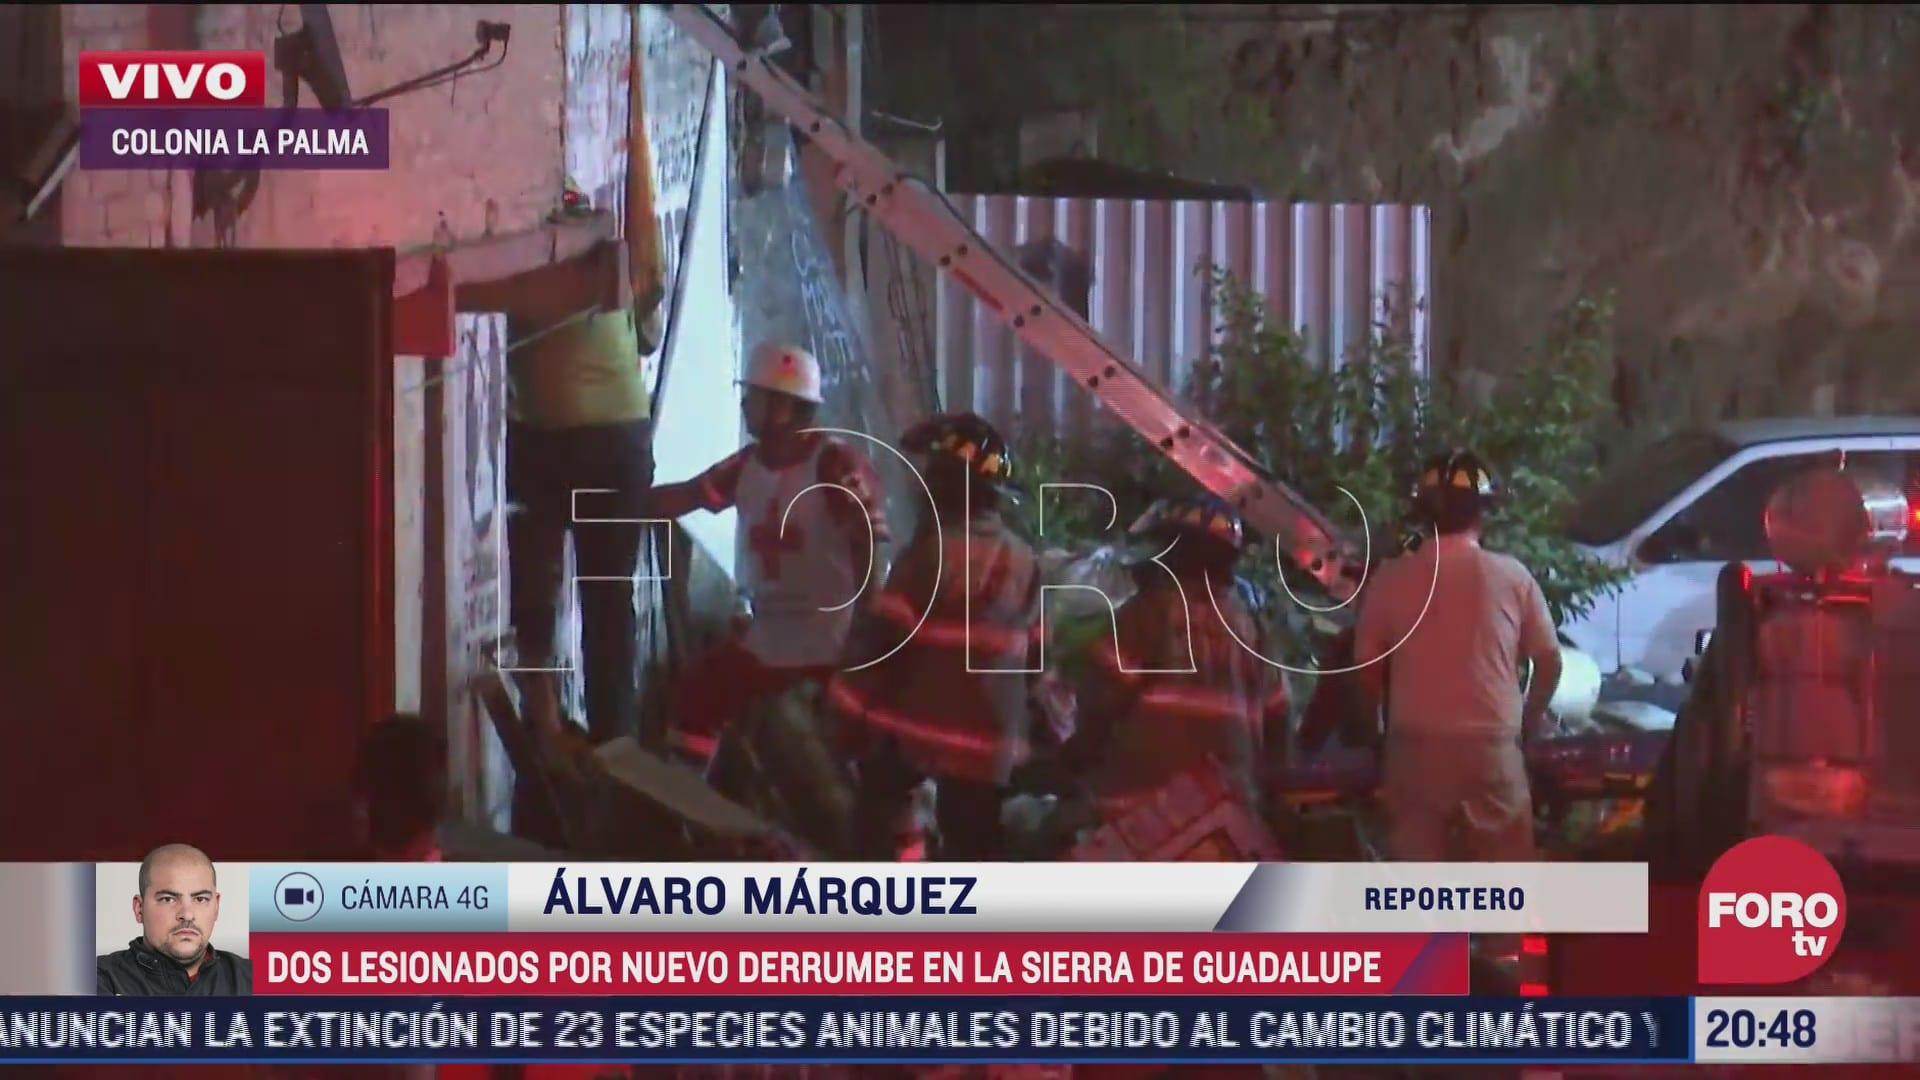 resguardan zona tras deslave que dano dos casas en ecatepec